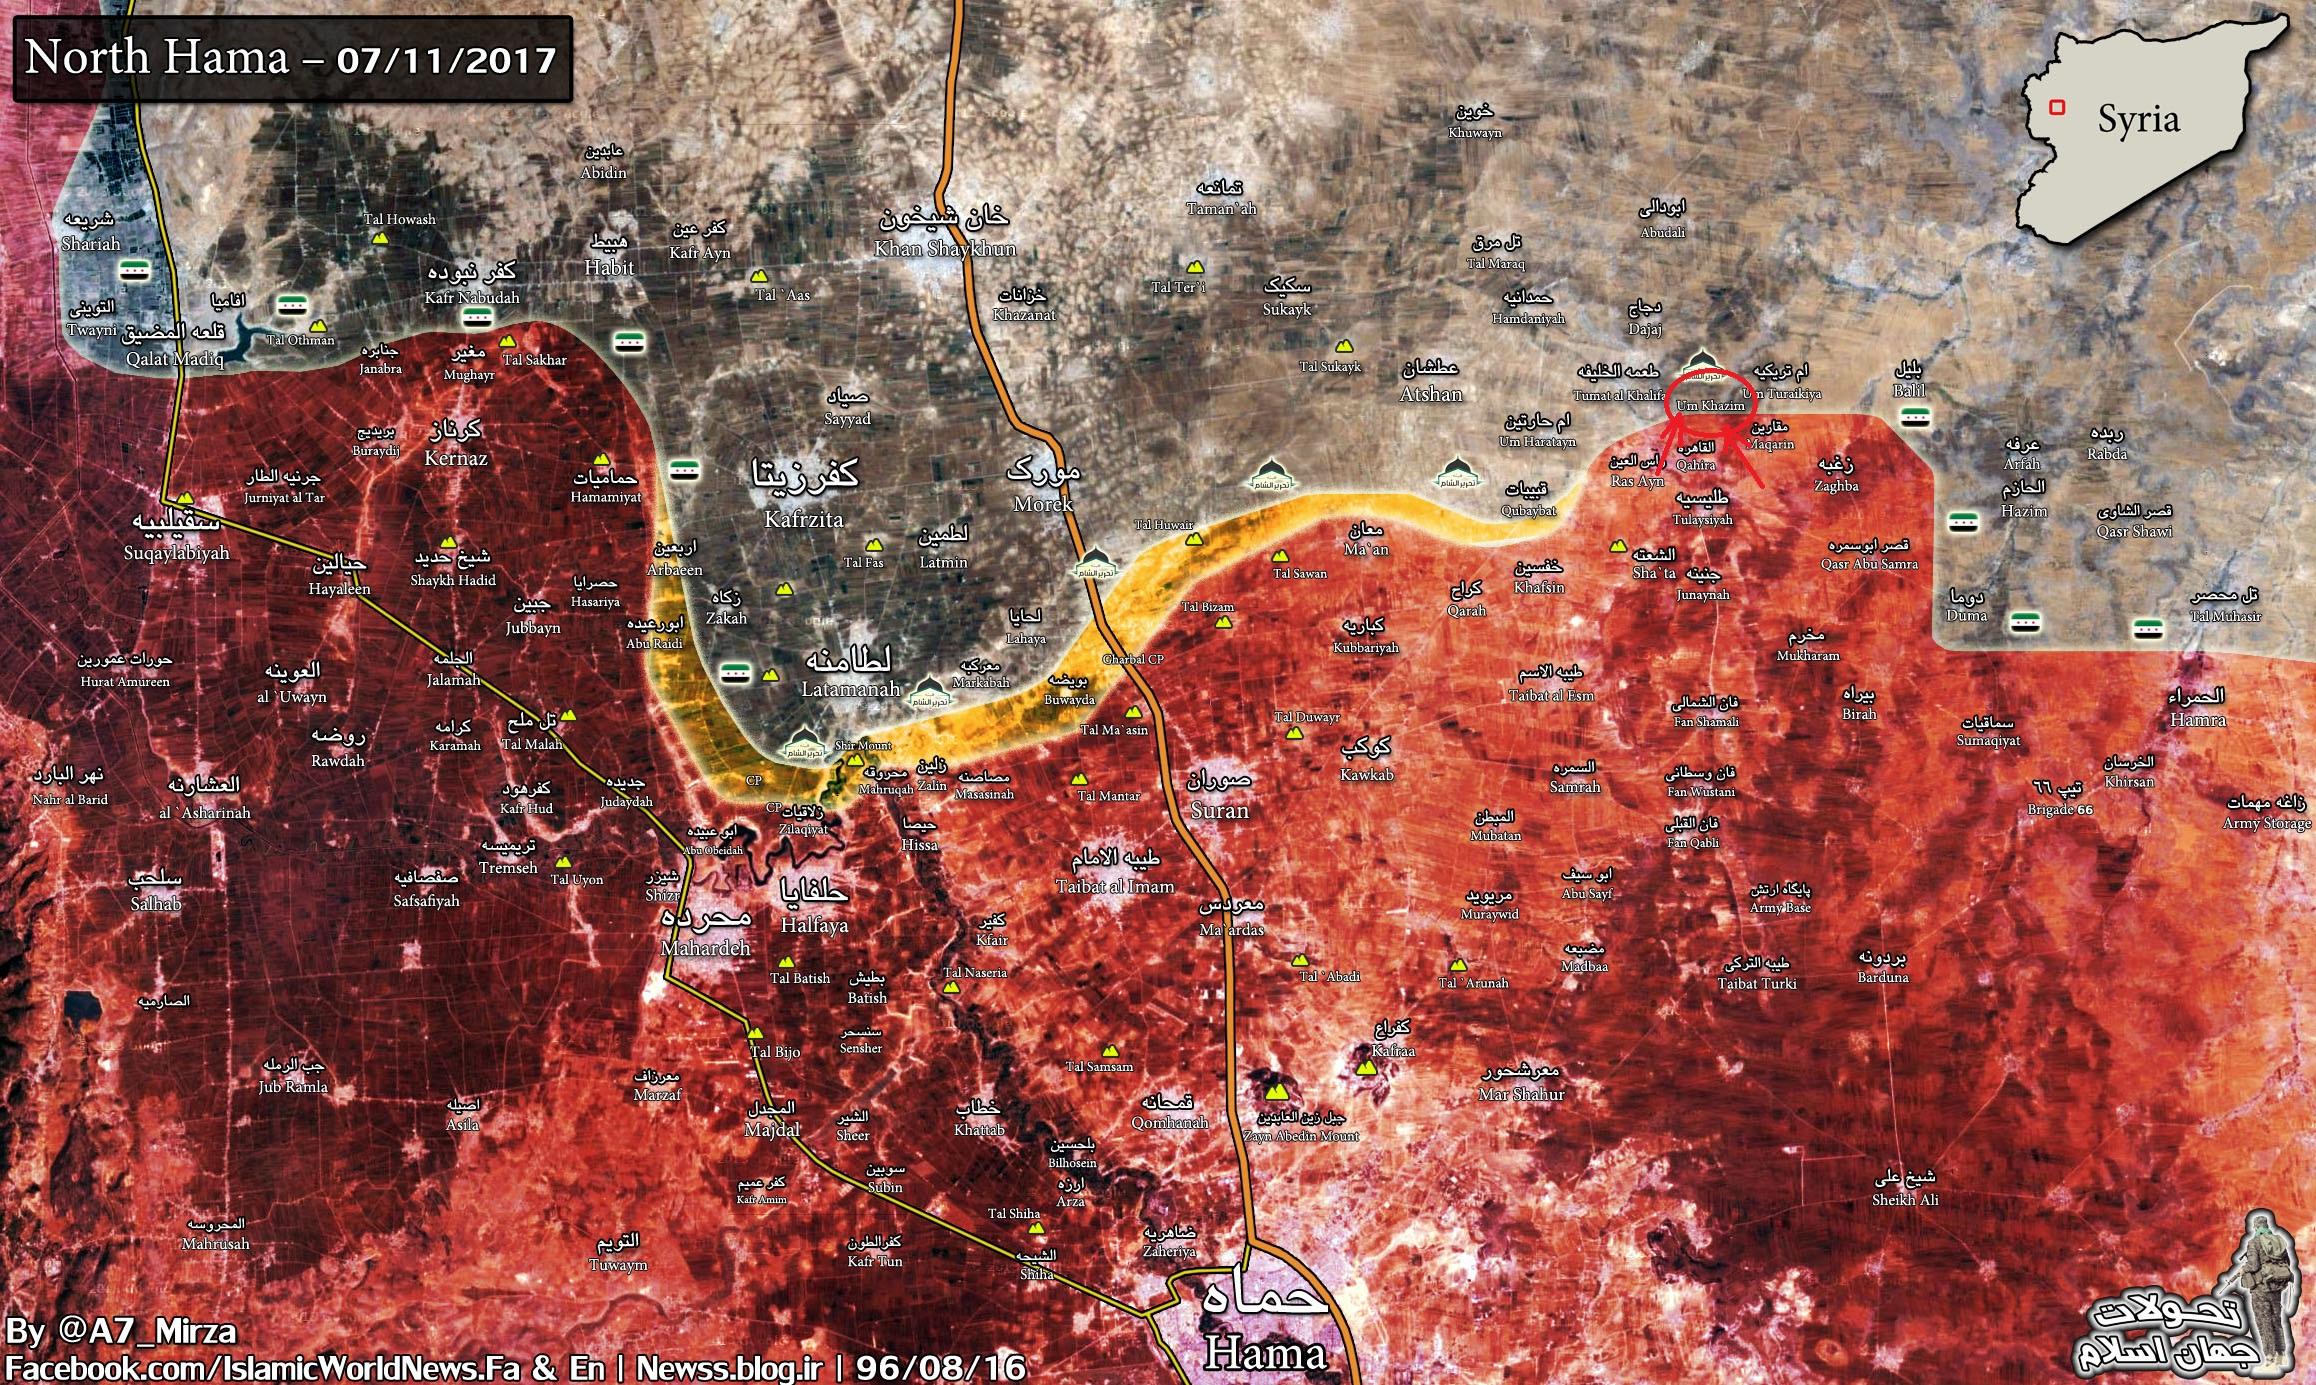 Lage im Norden des Gouvernements Hama